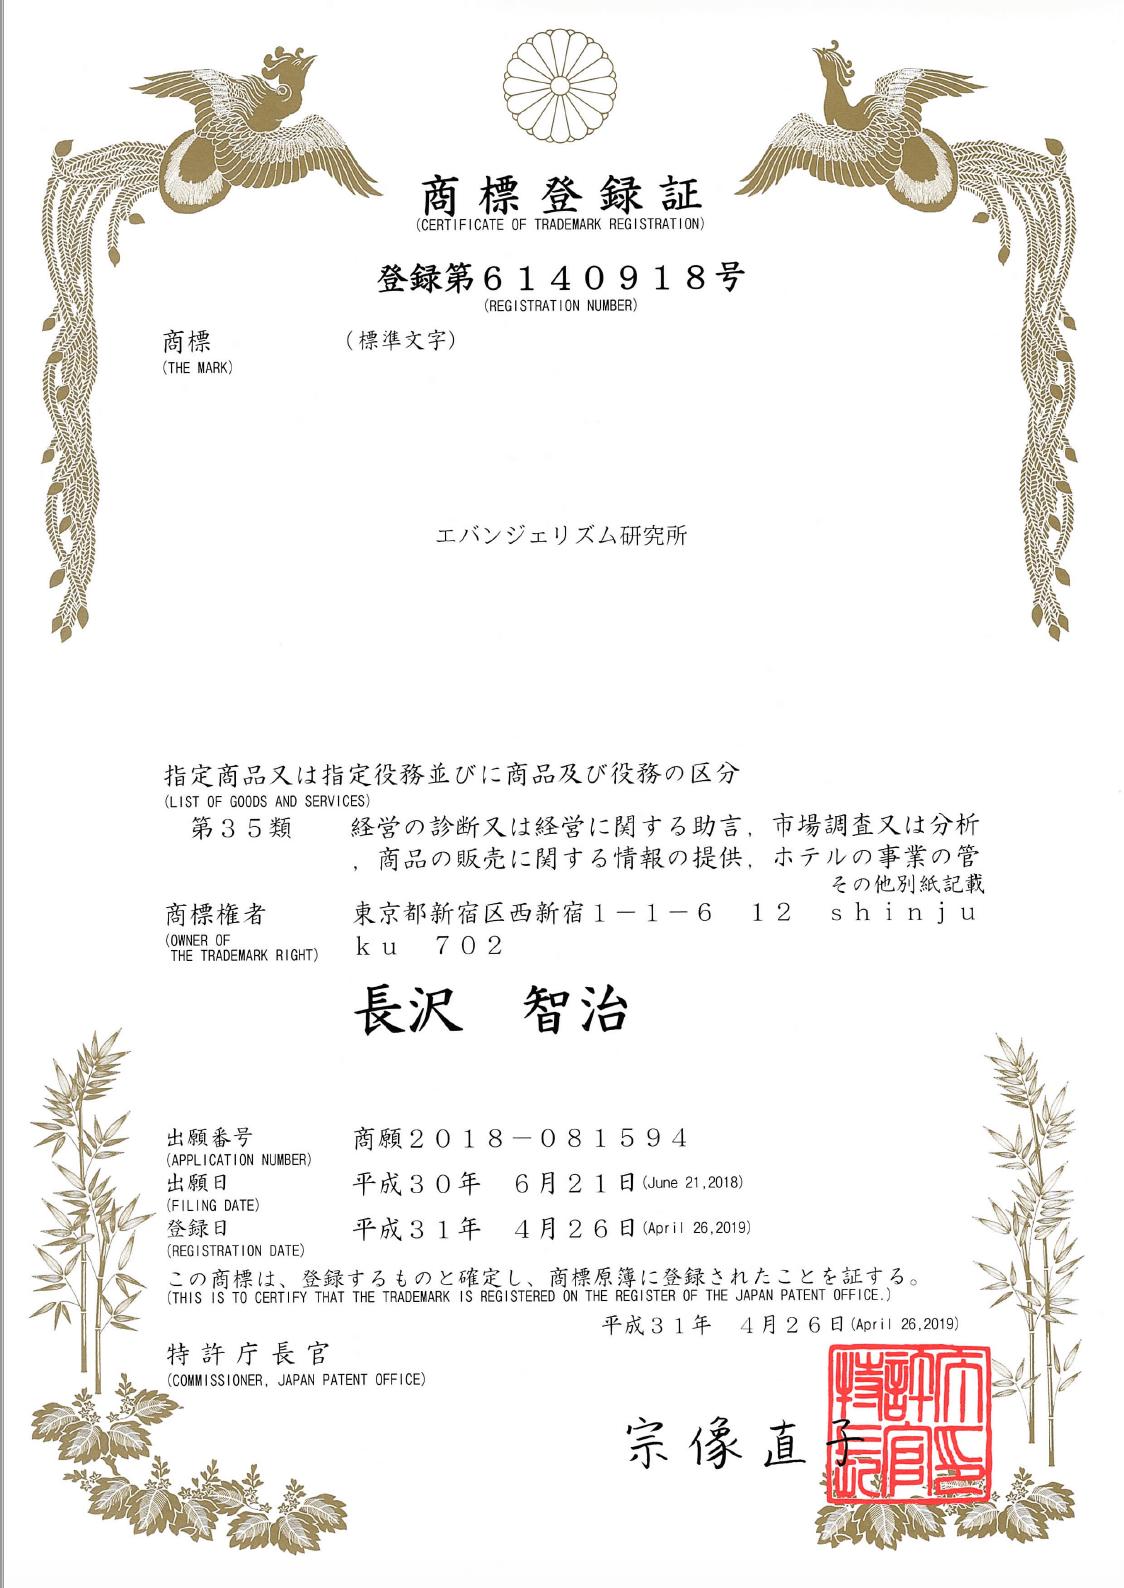 「エバンジェリズム研究所」を商標登録いたしました